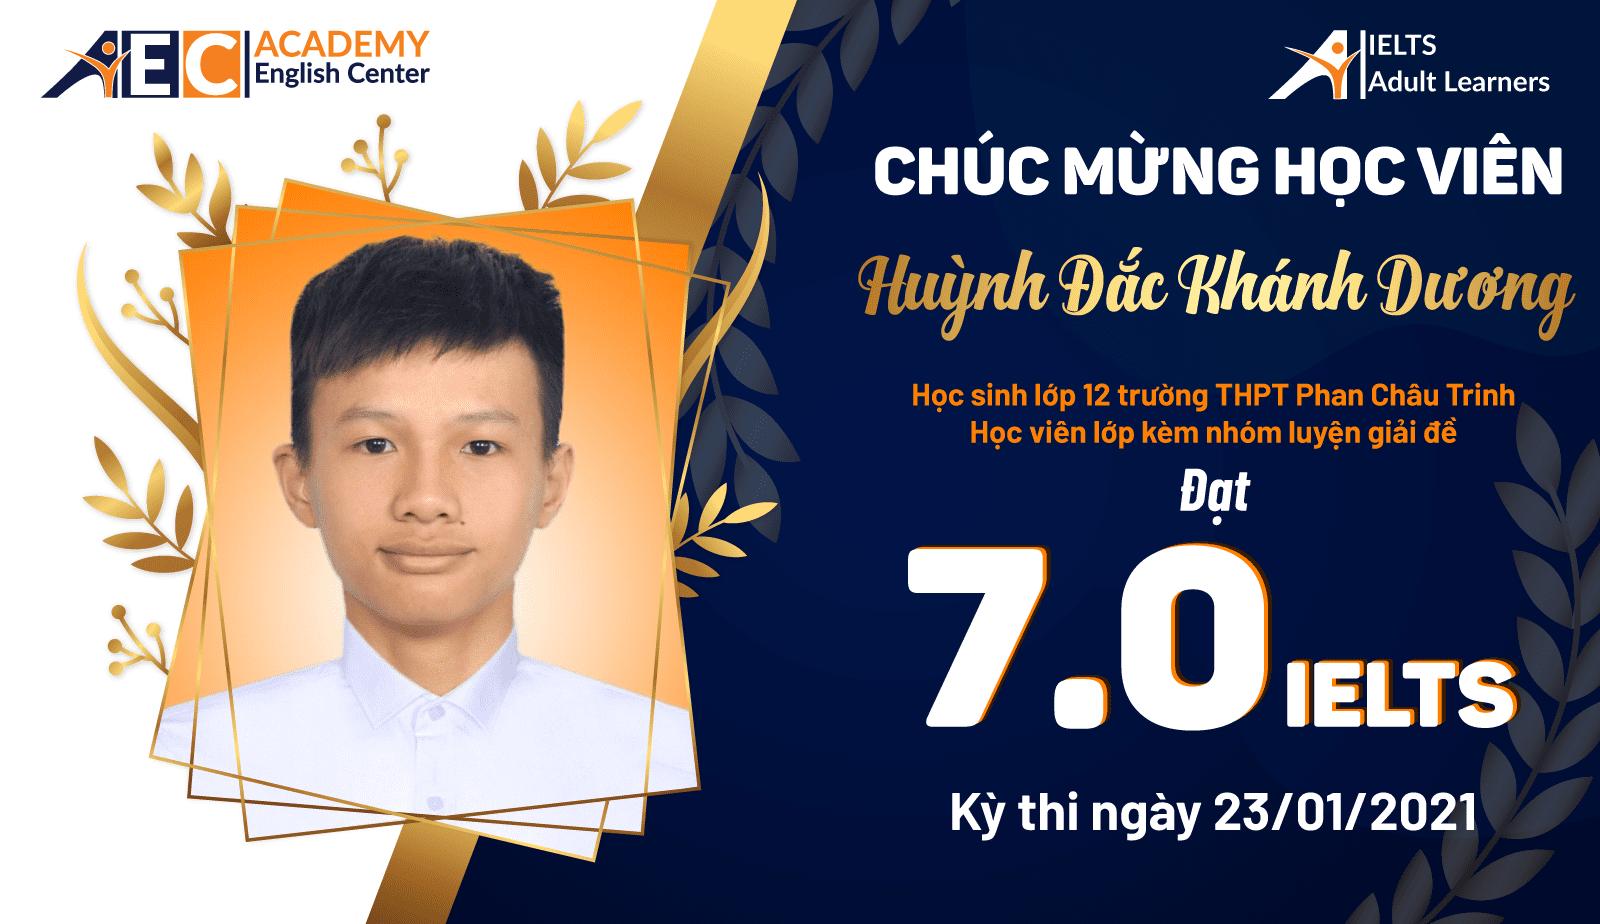 Huỳnh-Đắc-Khánh-Dương